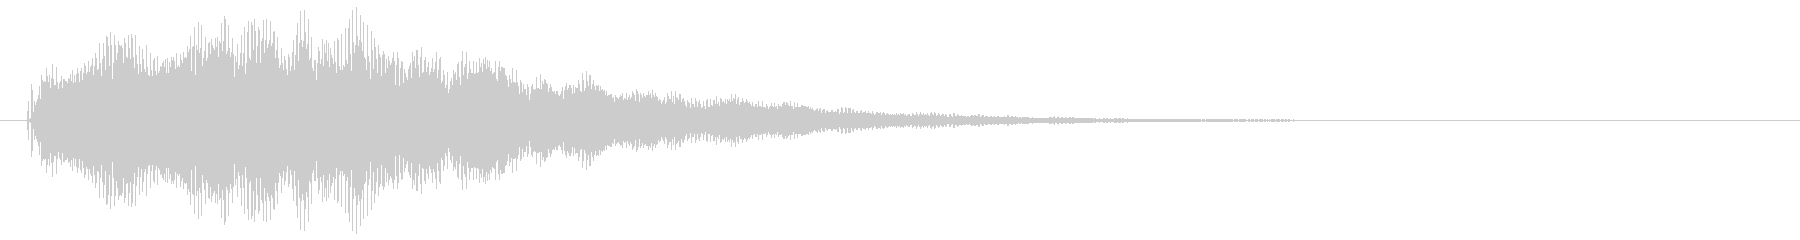 ロゴサステインLFE付き電子リップルの未再生の波形